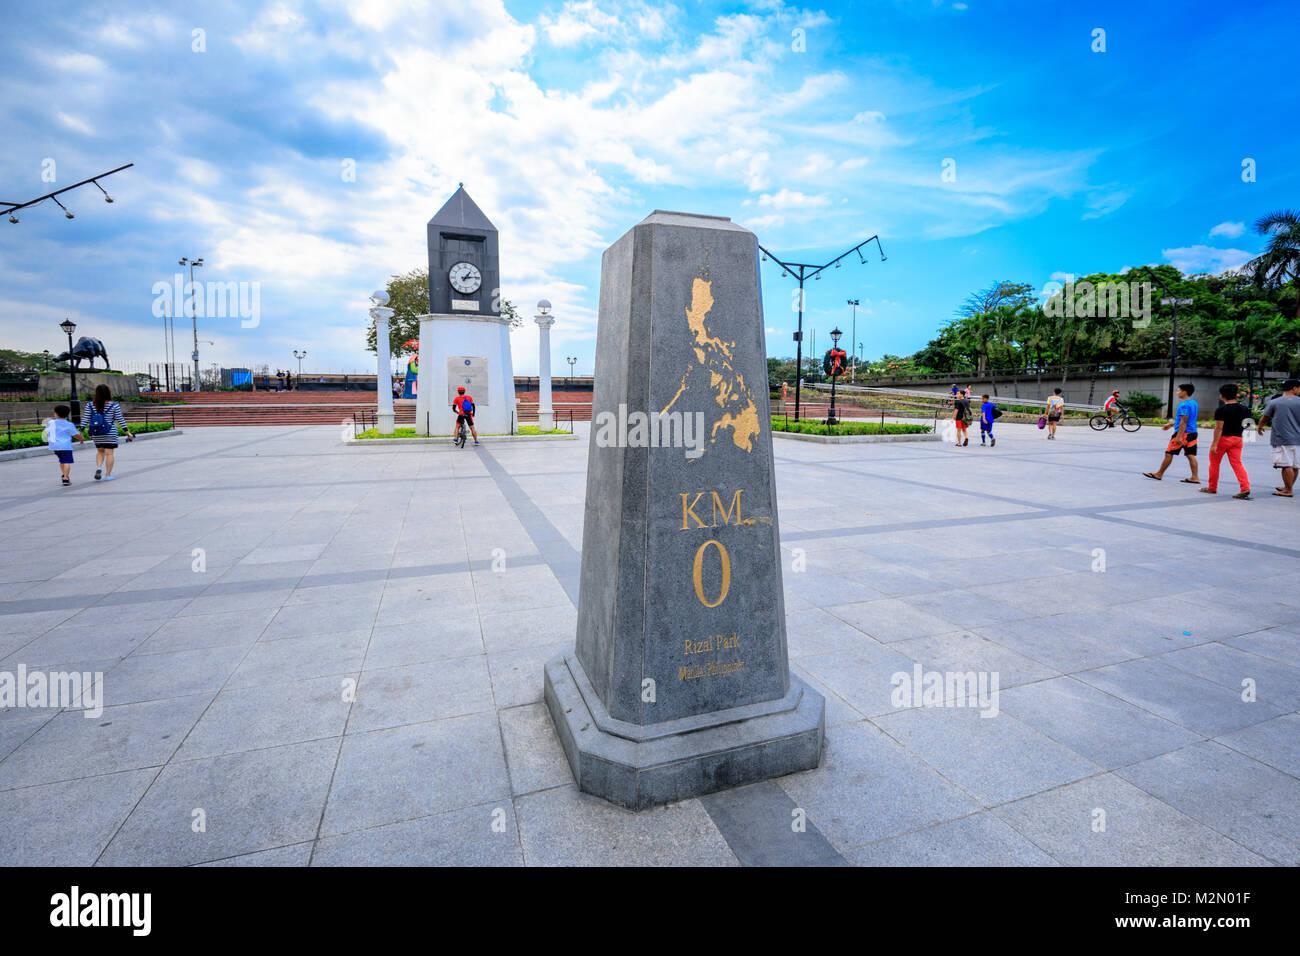 Manila, Filippine - Febbraio 4, 2018 : chilometro zero il marcatore a Manila nelle Filippine. Chilometro Zero è Immagini Stock